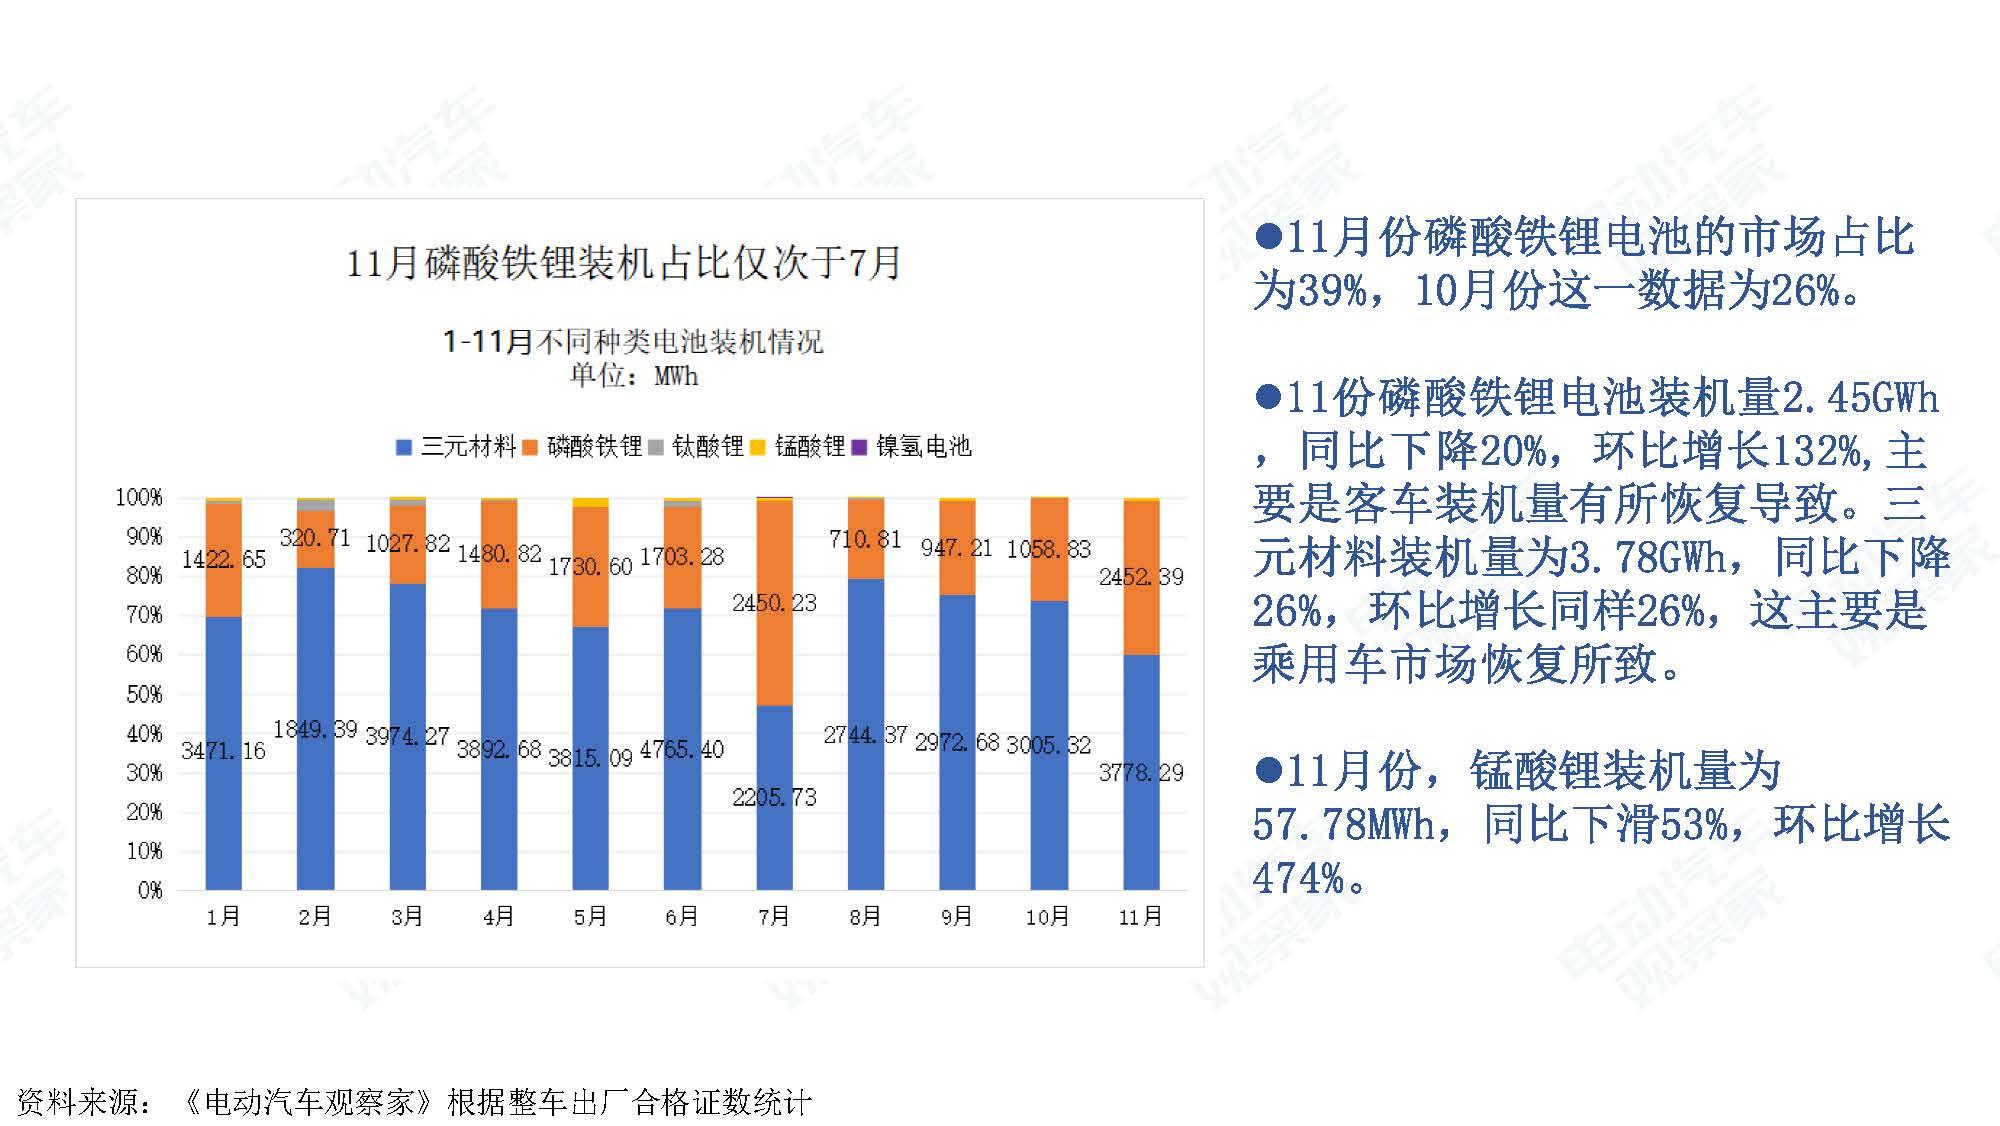 2019年11月中国新能源汽车产业观察_页面_084